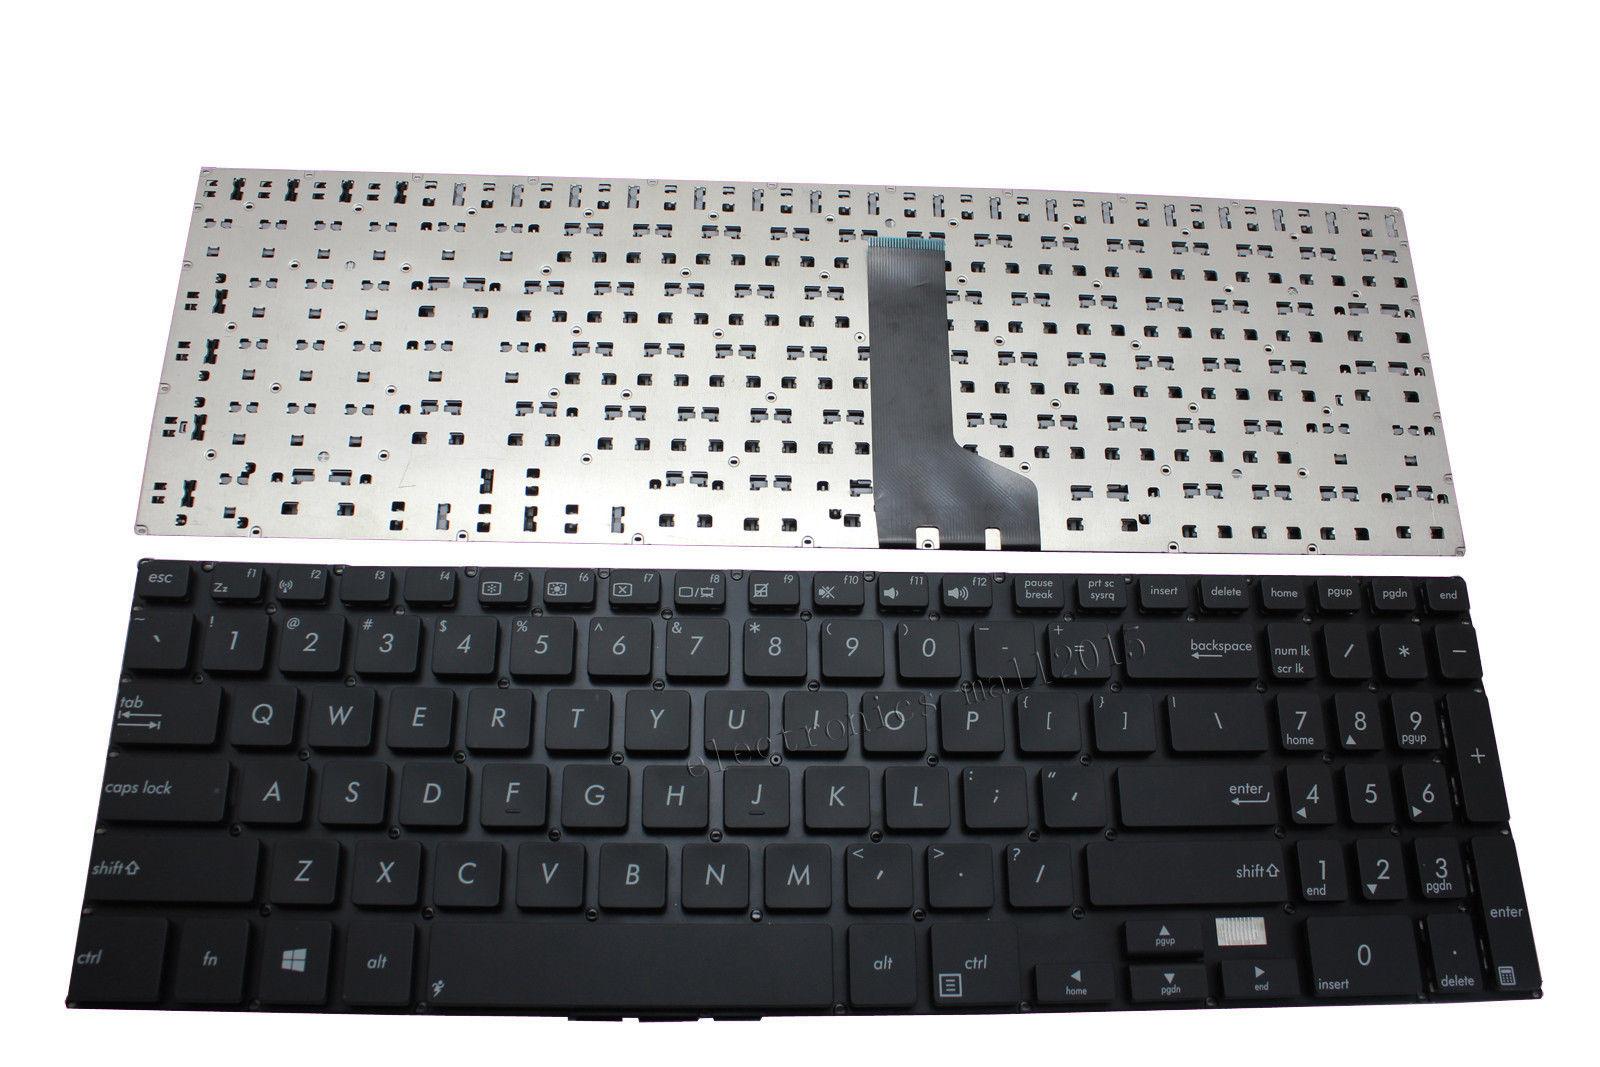 Thay bàn phím laptop Asus K501l giá rẻ tại Hà Nội